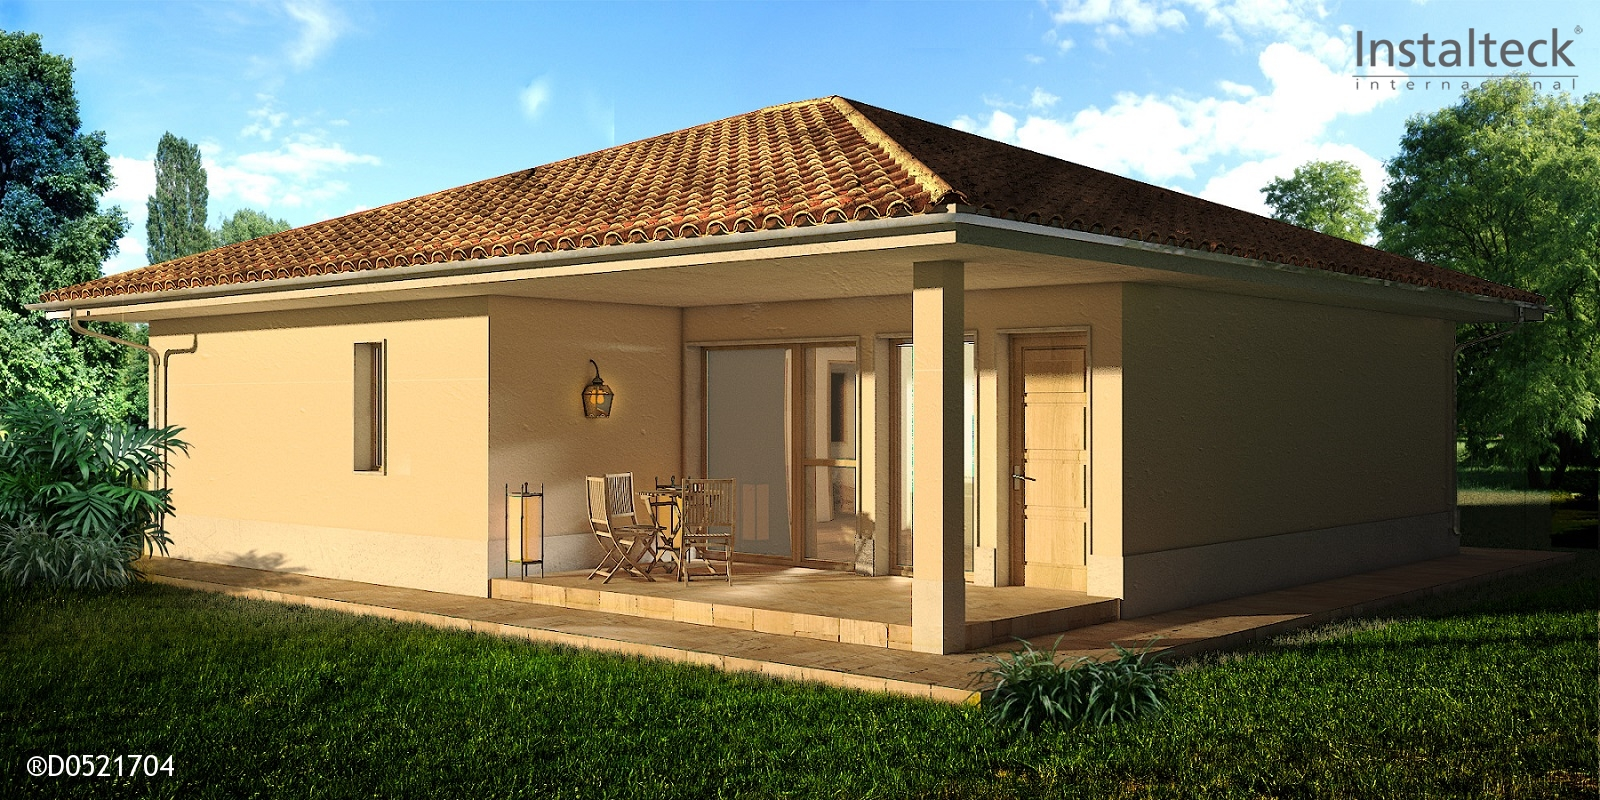 Casa prefabricada in teck 111 instalteckinstalteck - Modelos casa prefabricadas ...